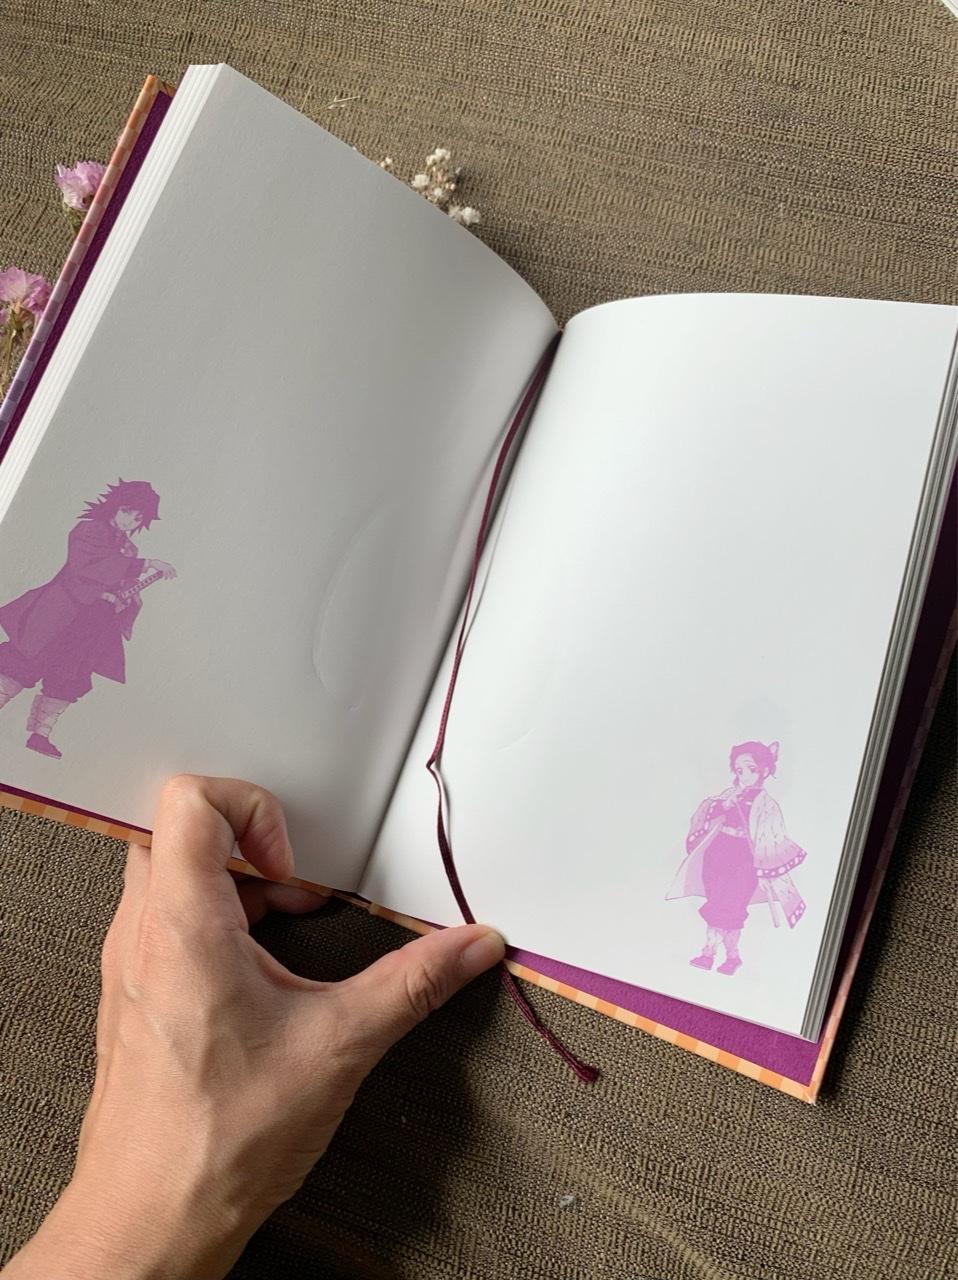 【8月号MORE】ピンクのかわいい表紙が目を引く!付録は鬼滅の刃の便利ノート!_3